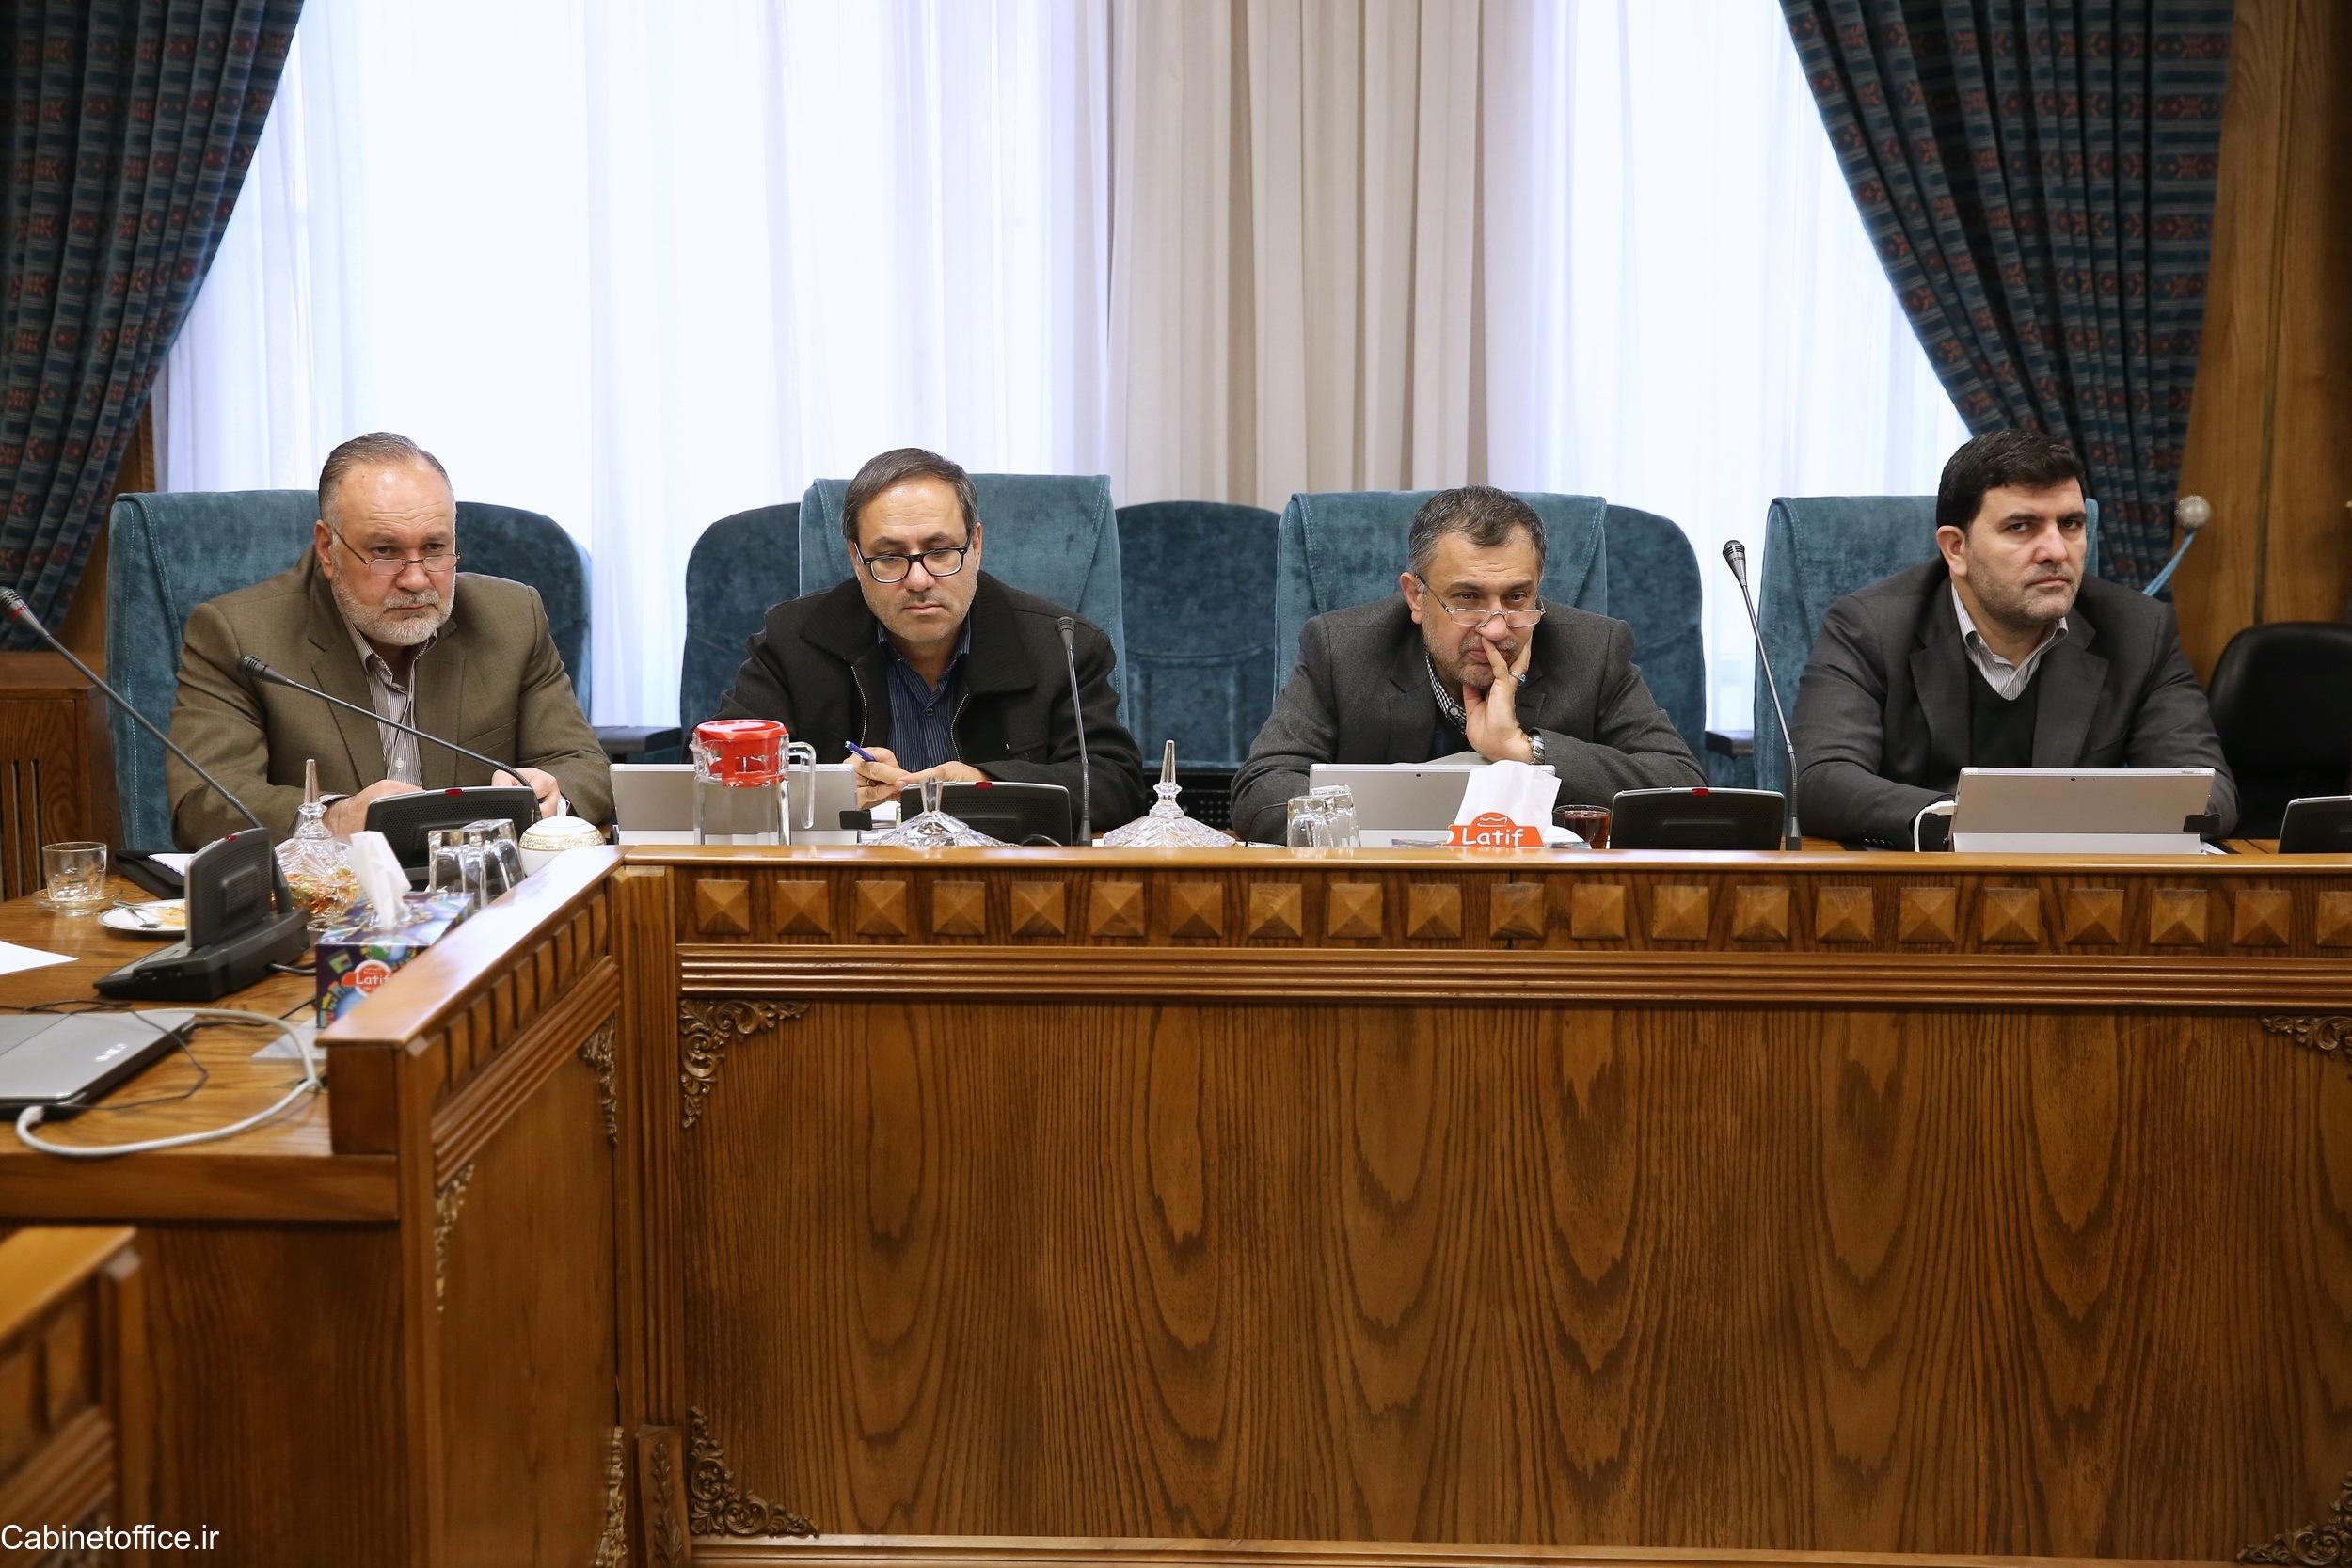 تشکیل جلسه اصلی کمیسیون امور زیربنایی، صنعت و محیط زیست در تاریخ ۹ دی ماه ۱۳۹۷